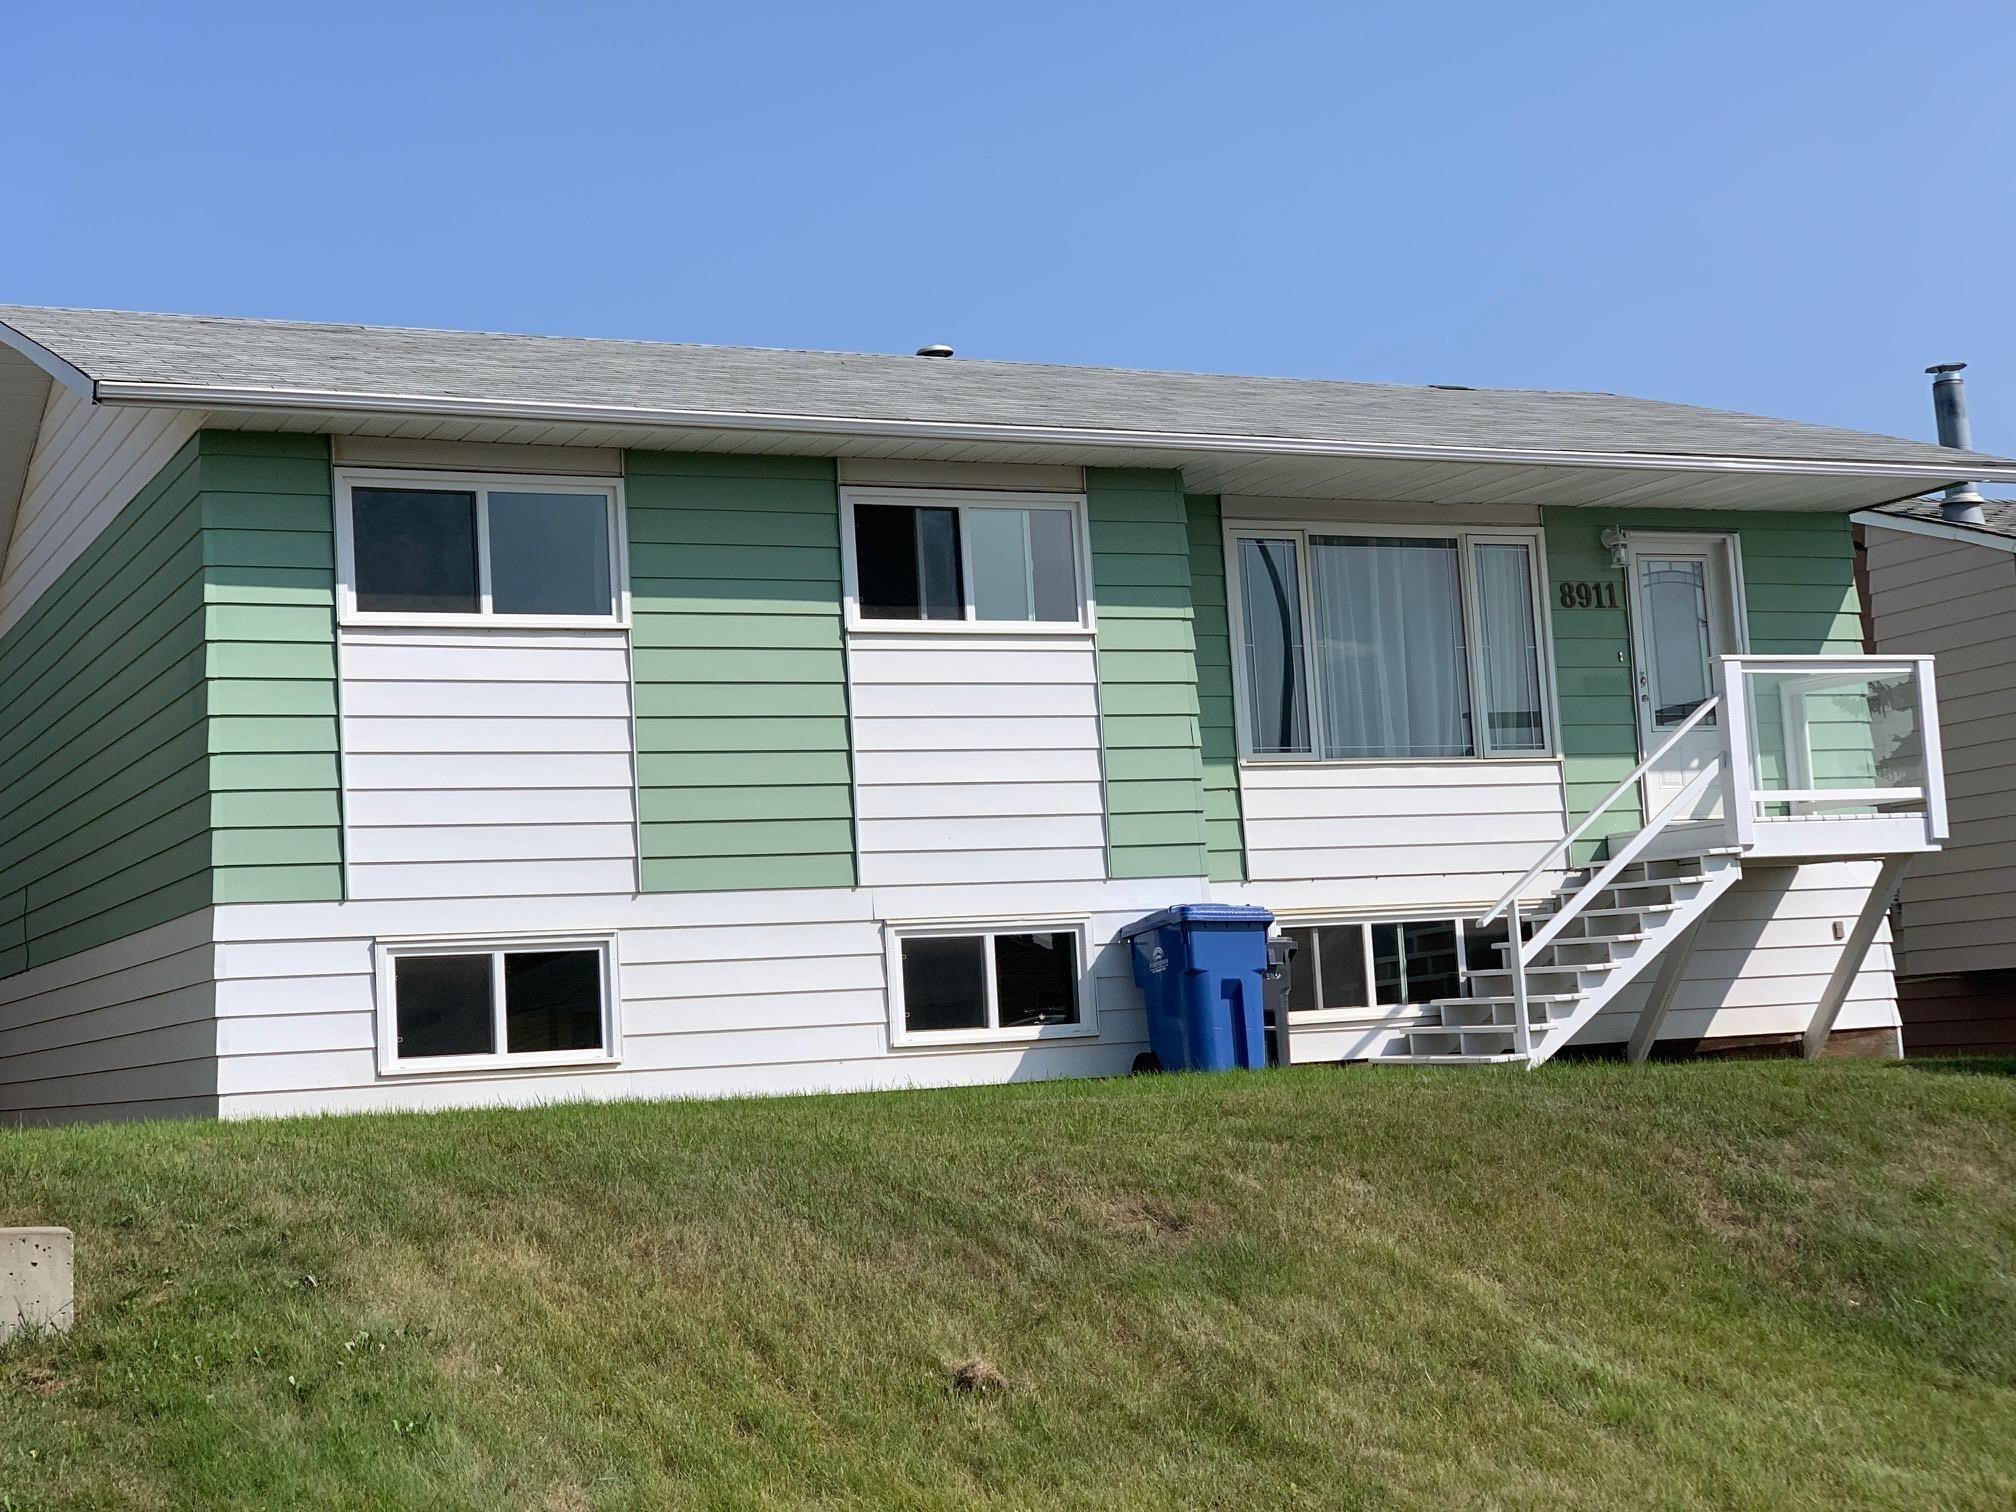 Main Photo: 8911 88 Street in Fort St. John: Fort St. John - City SE House for sale (Fort St. John (Zone 60))  : MLS®# R2610659